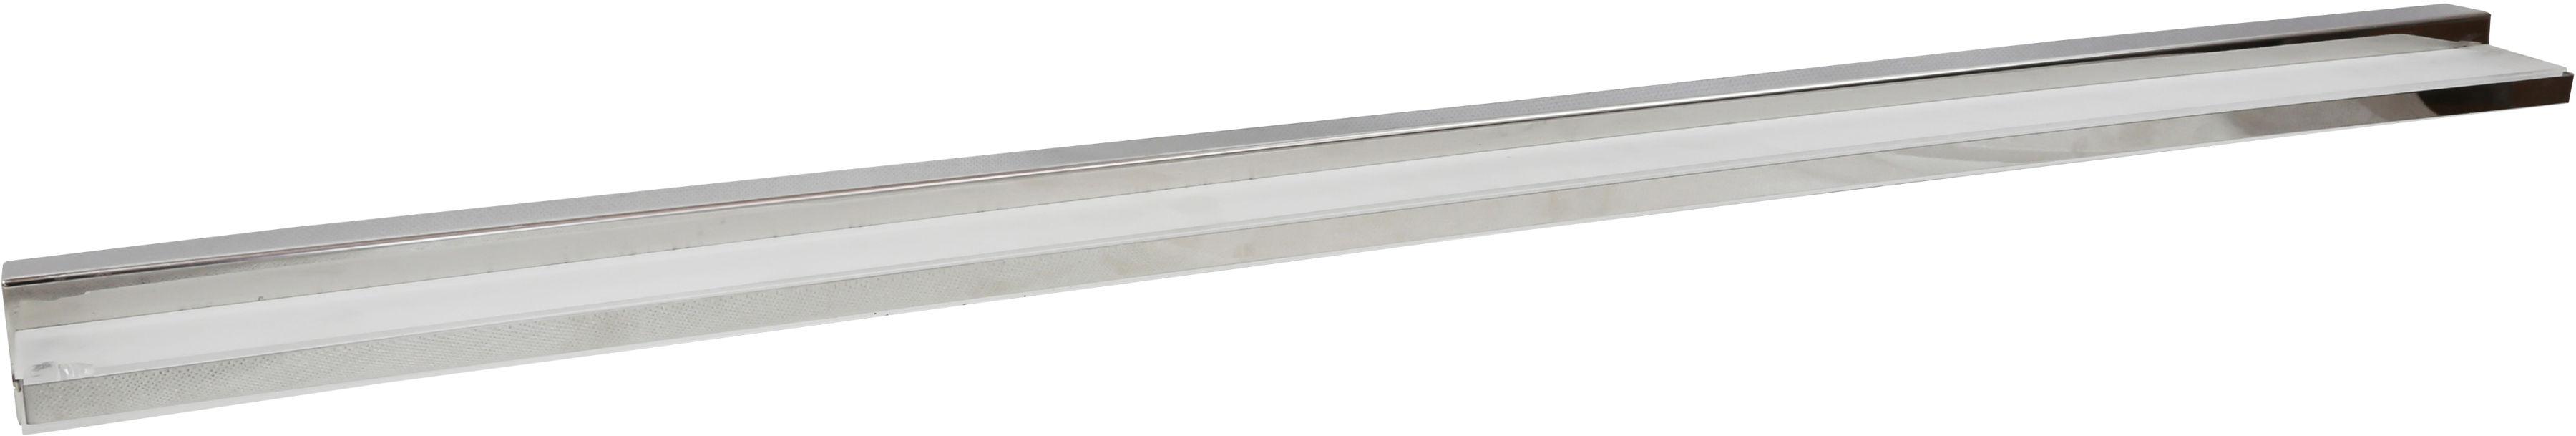 Candellux SUMO 21-53268 kinkiet lampa ścienna listwa LED 12W stal nierdzewna akryl 60cm